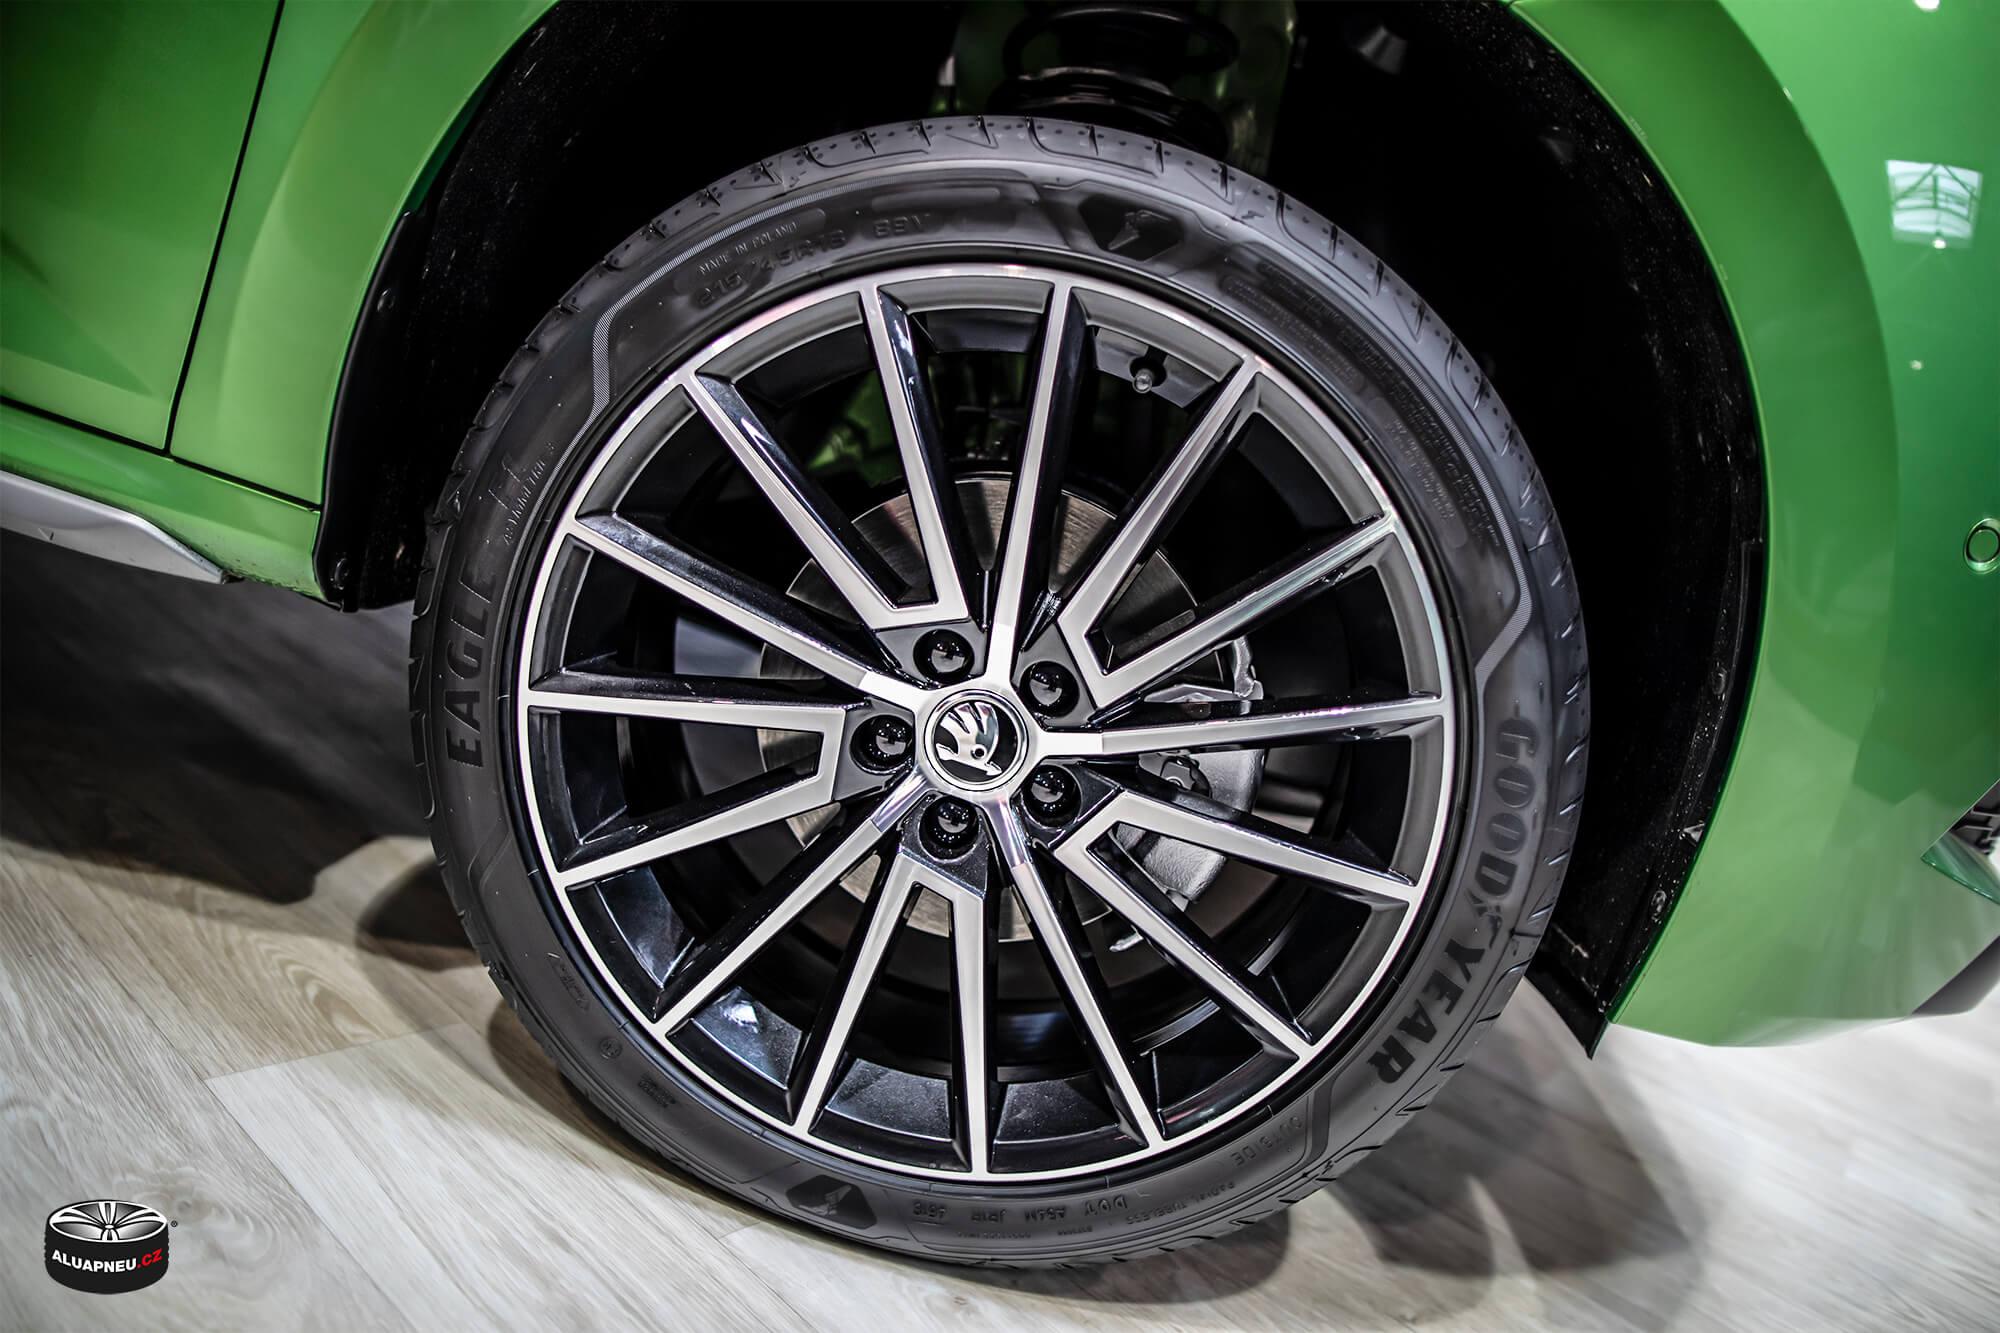 Originální leštěné alu disky Škoda - Autosalon Praha 2019 - www.aluapneu.cz